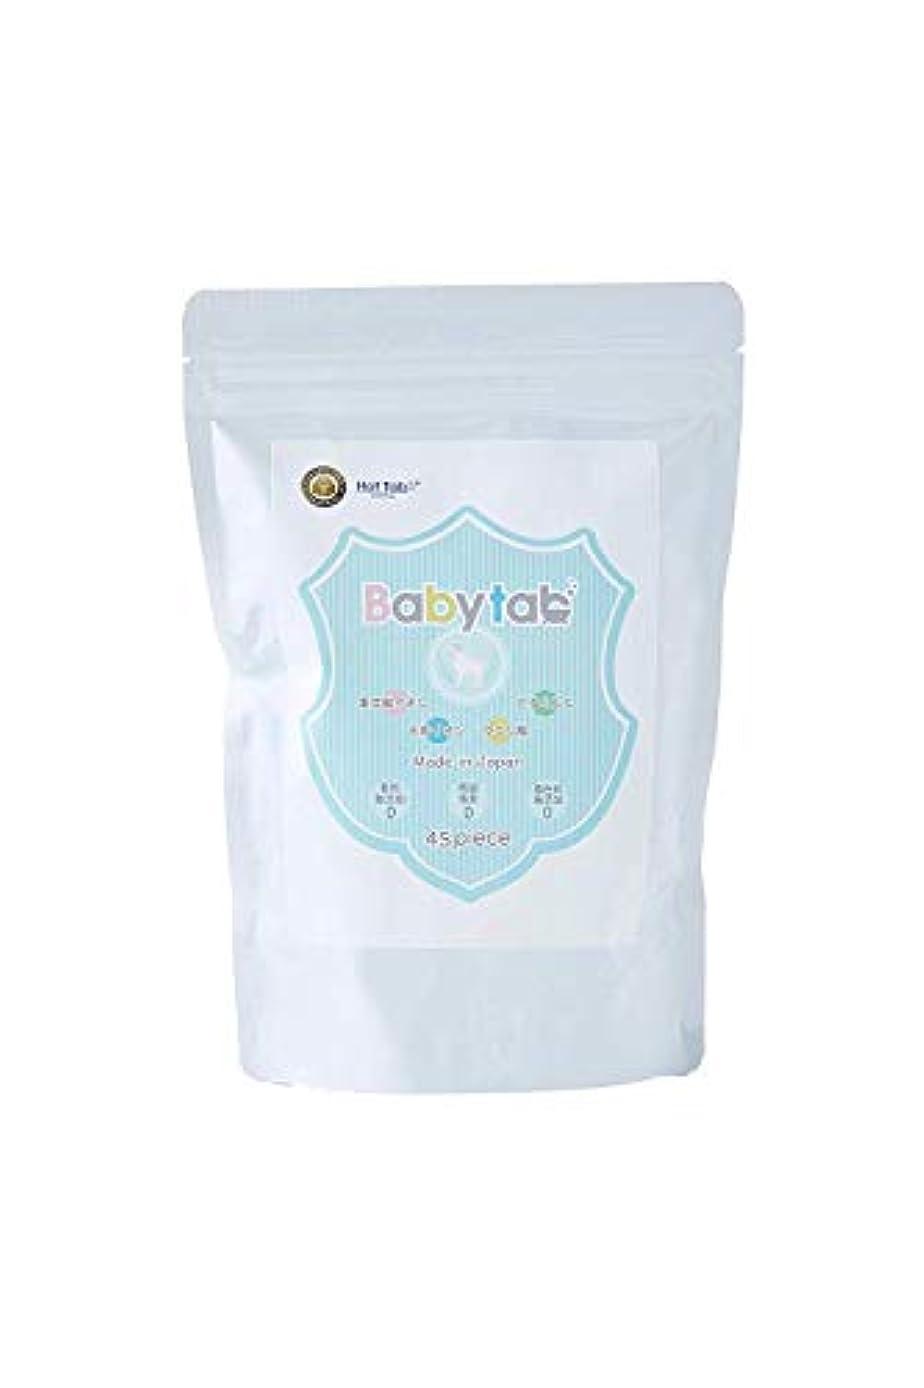 深くケージ認めるベビタブ【Babytab】重炭酸 中性 入浴剤 沐浴剤 45錠入り(無添加 無香料 保湿 乾燥肌 オーガニック あせも 塩素除去)赤ちゃんから使える